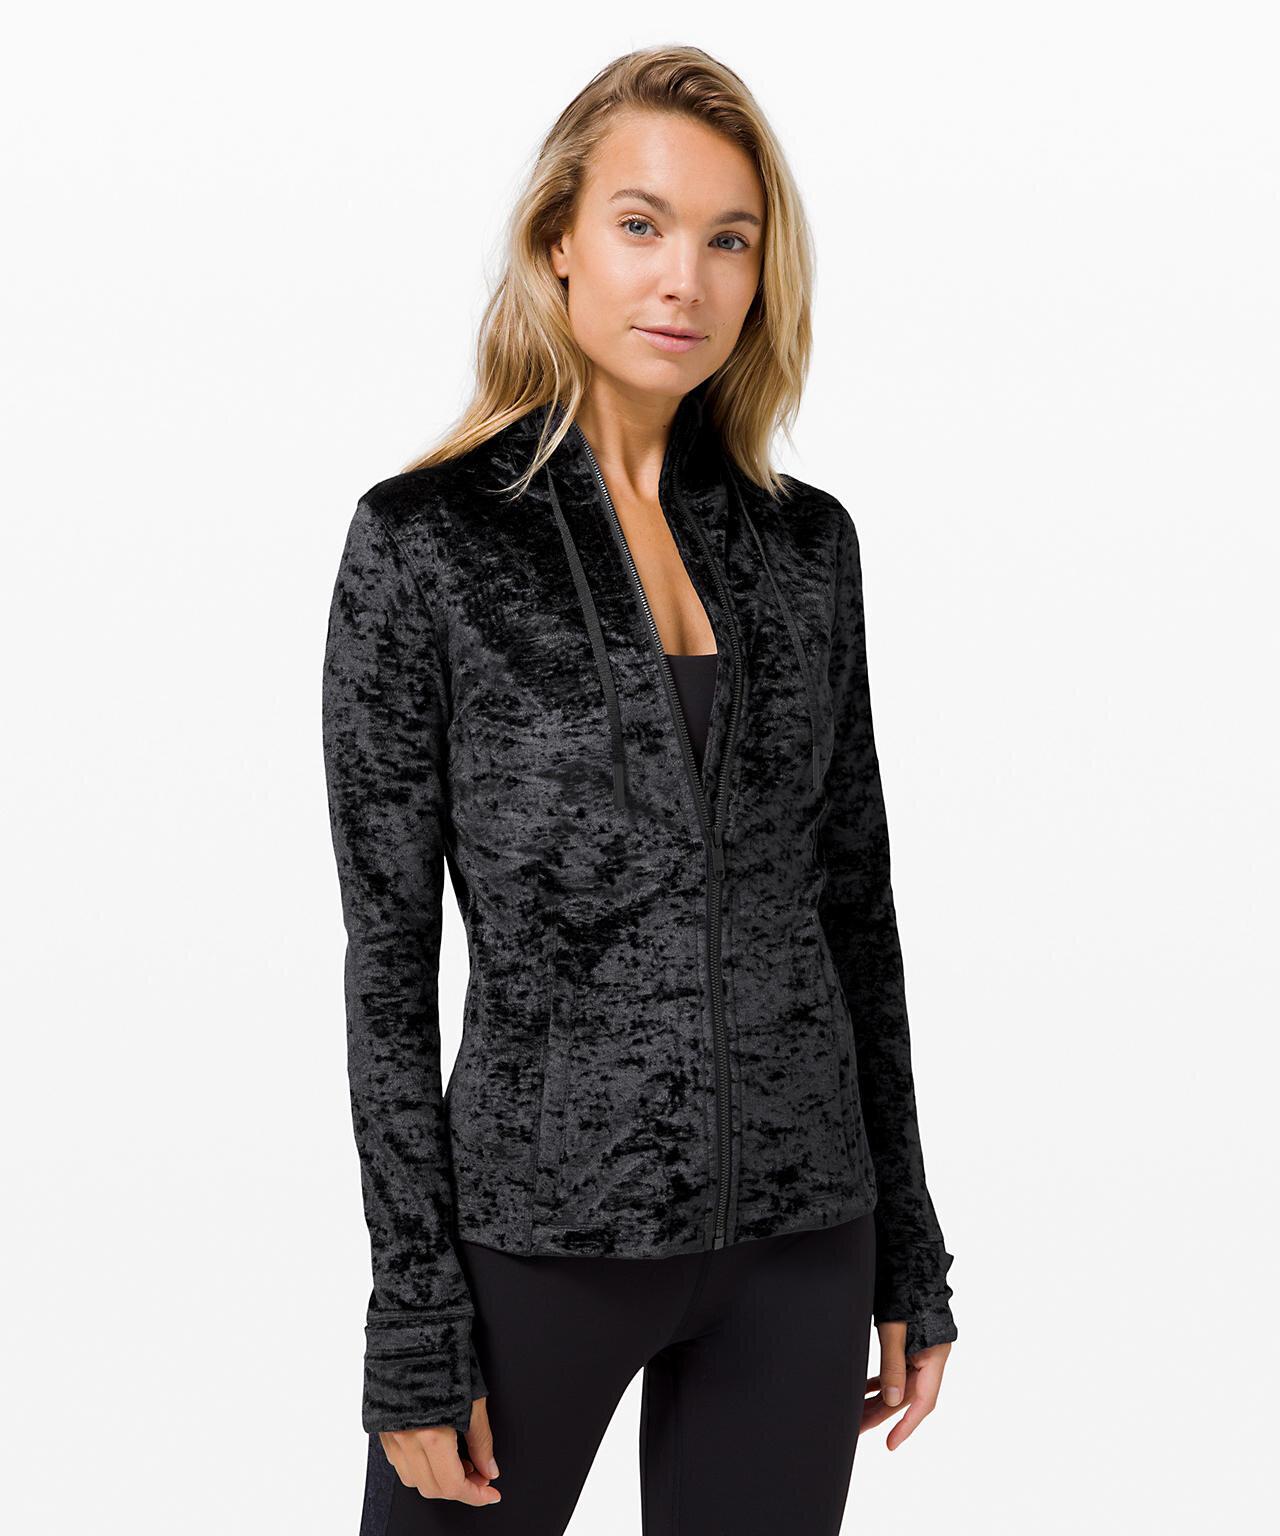 Hooded Define Jacket  Crushed Velvet in Black